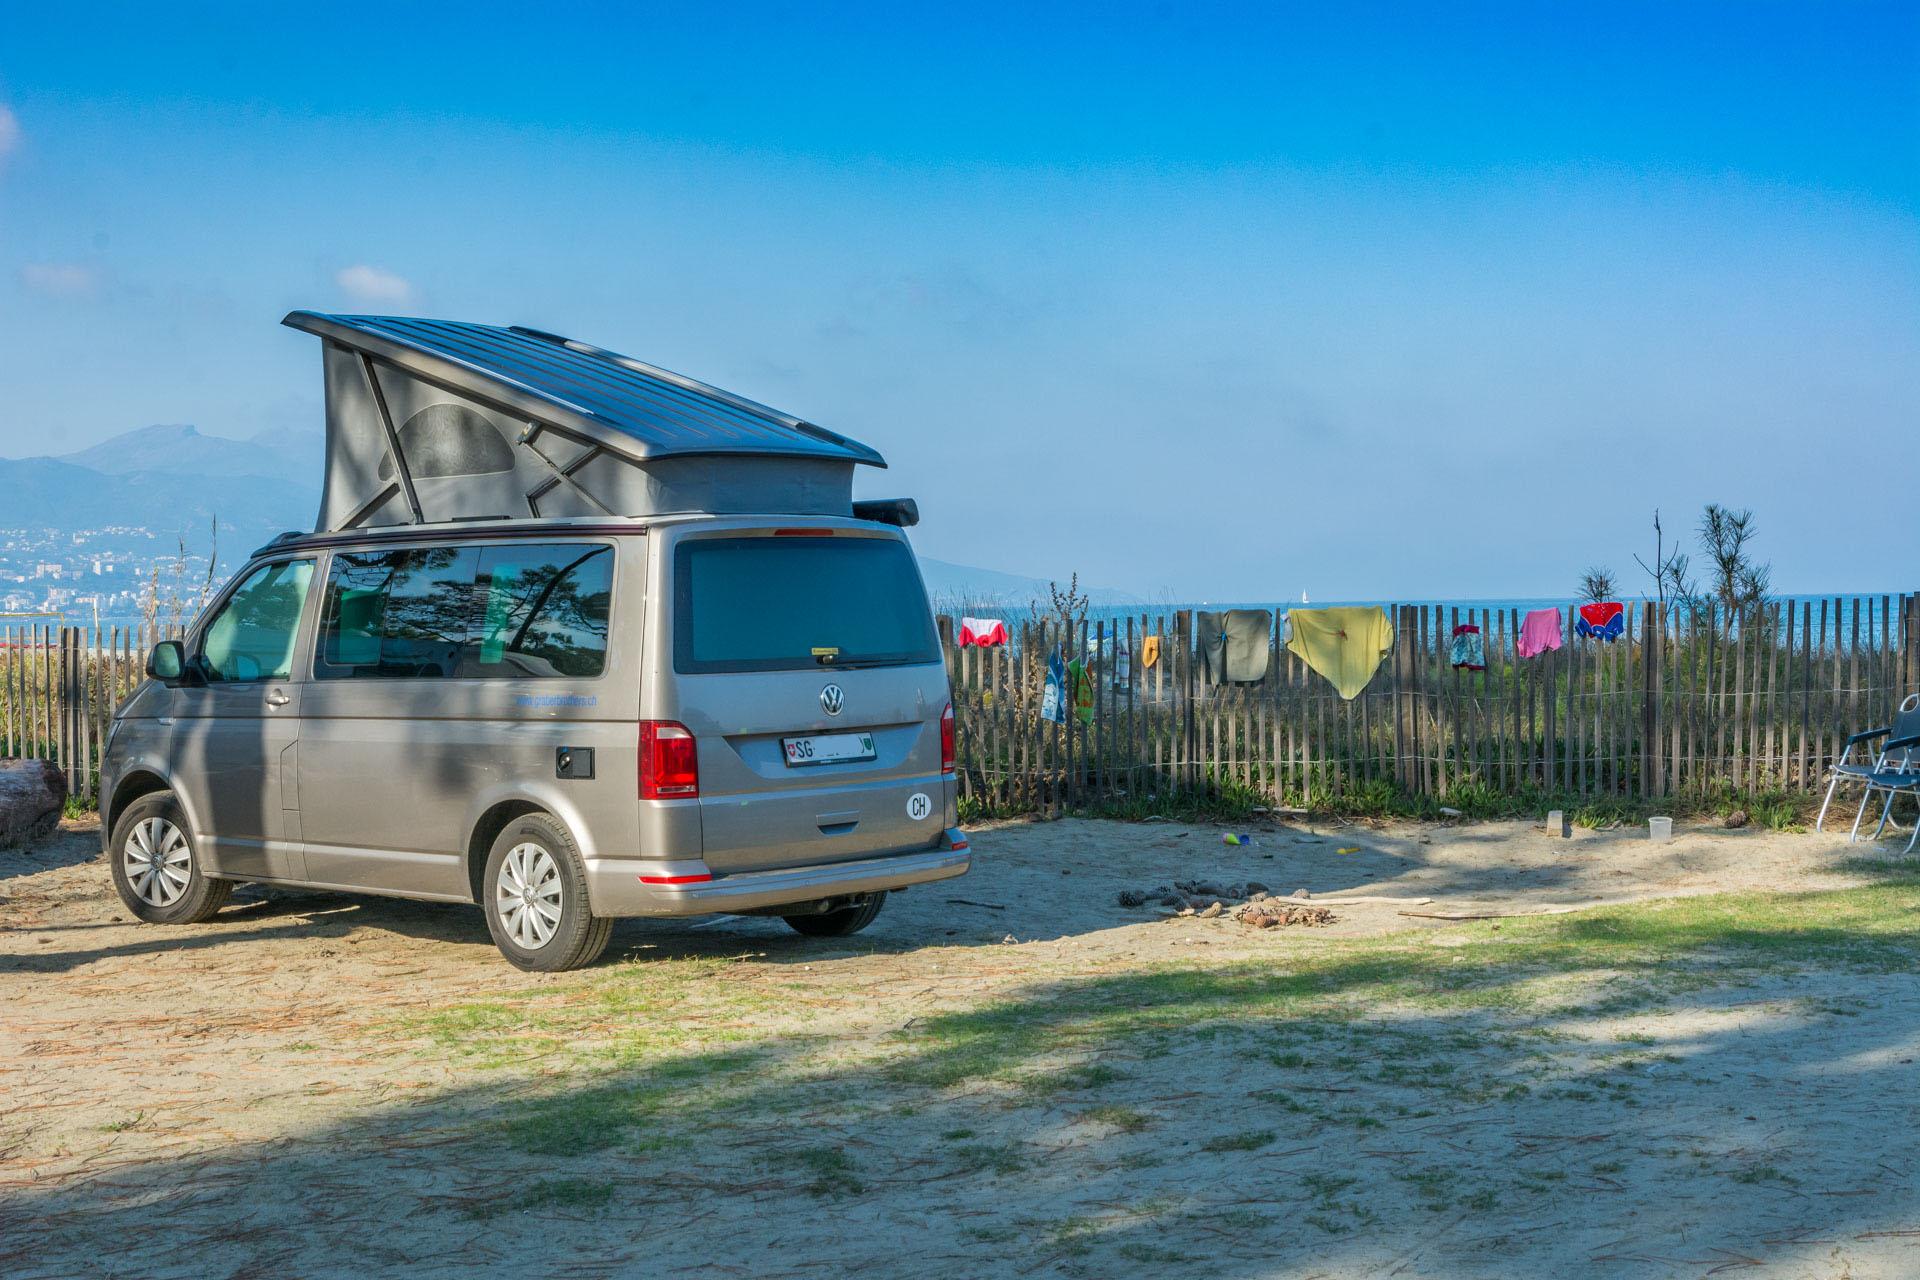 Camping Korsika Mit VW Bus